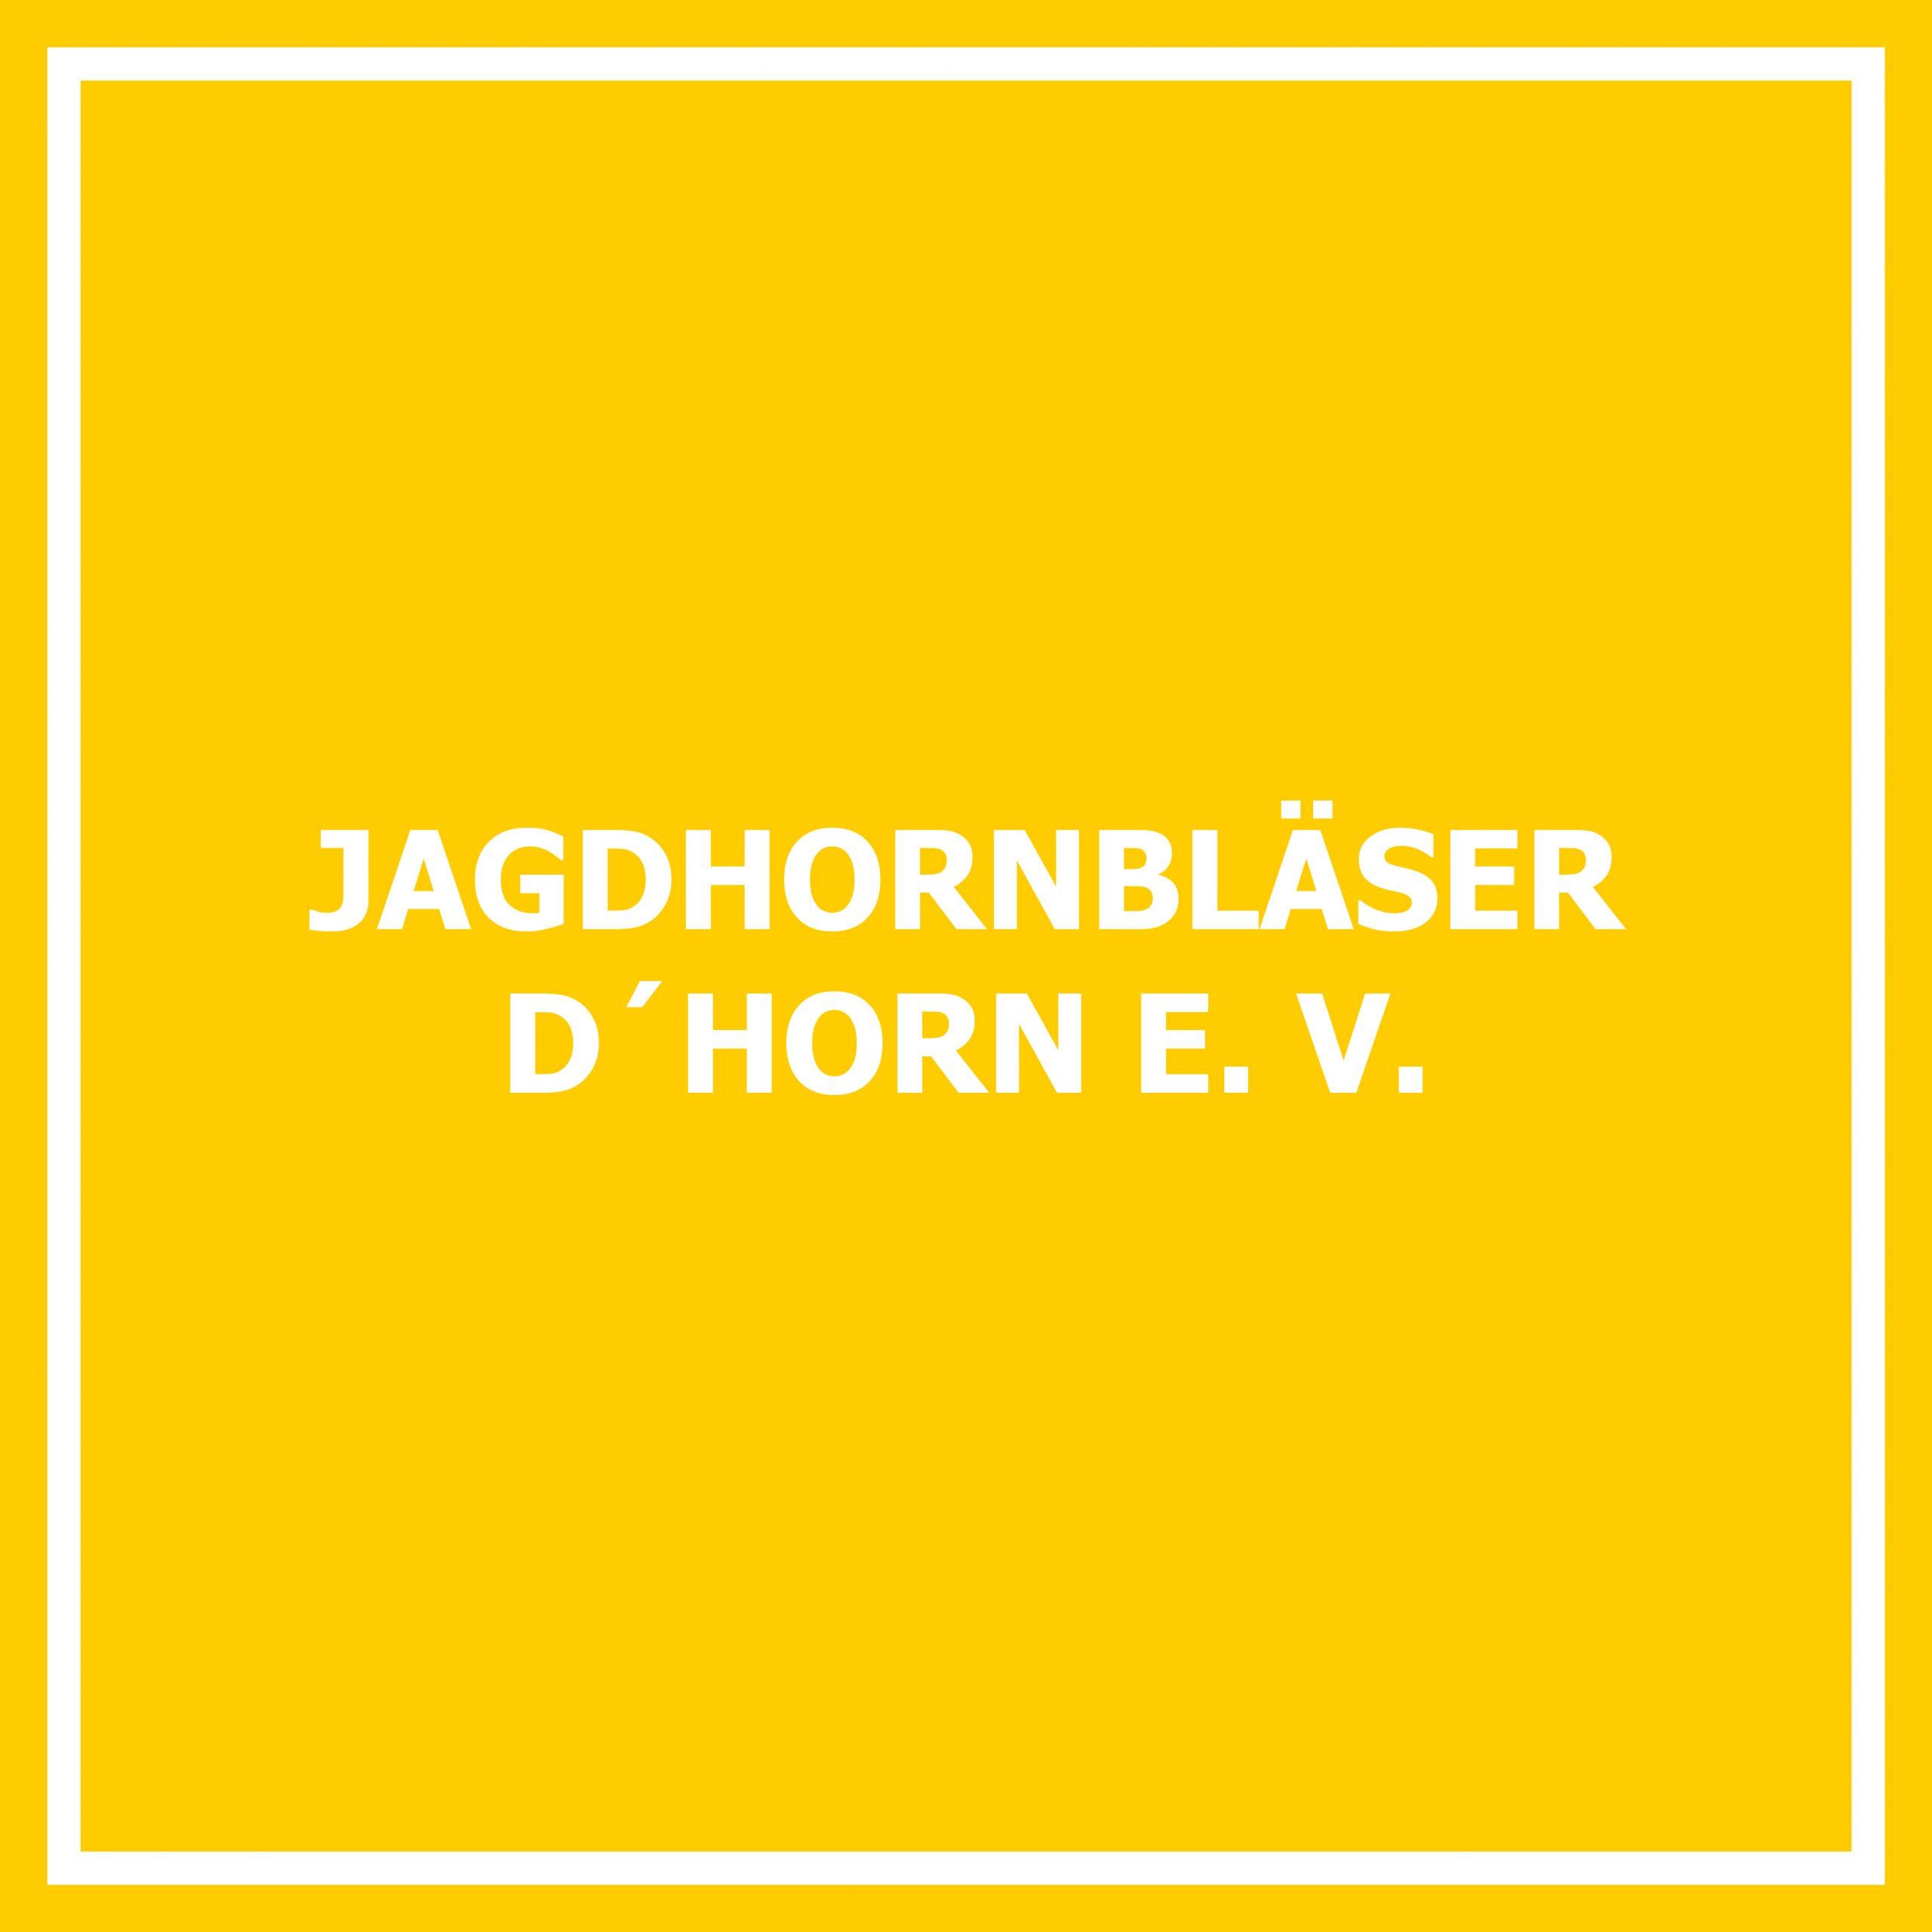 Jagdhornbläser D´horn e. V.